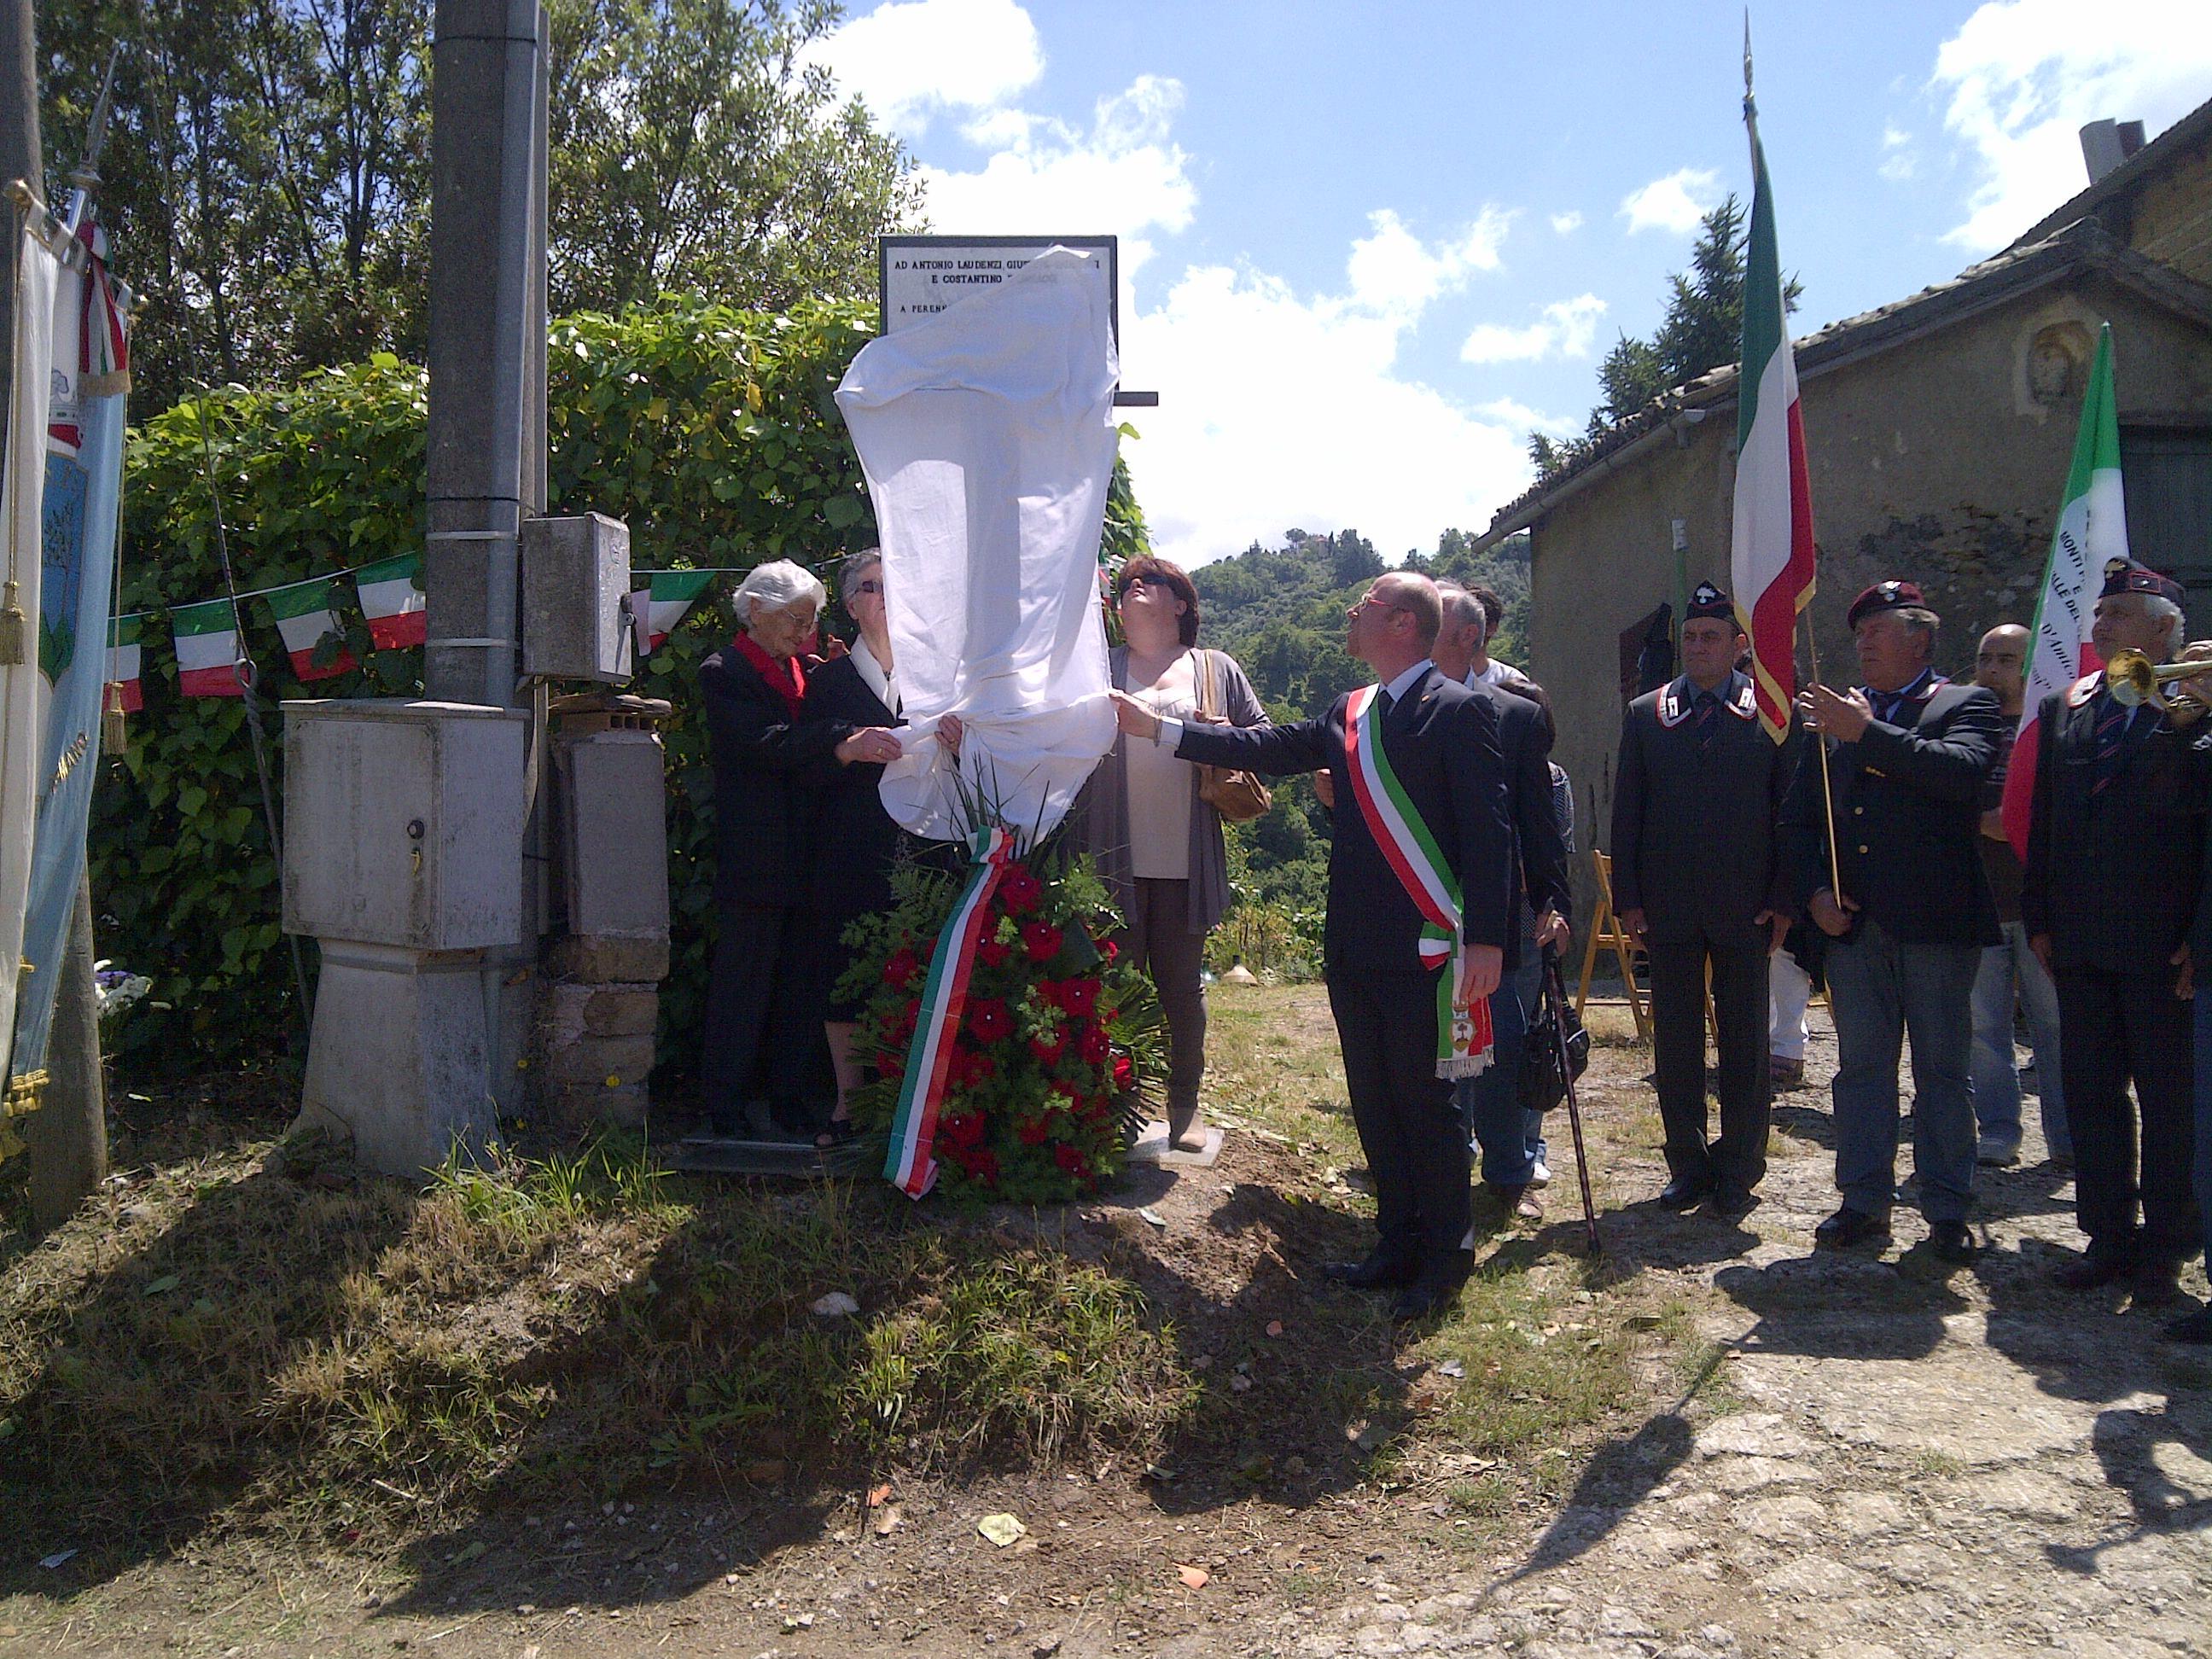 https://www.comune.olevanoromano.rm.it/immagini_news/public/immagine/67-Olevano-festa-2-giugno-11.jpg